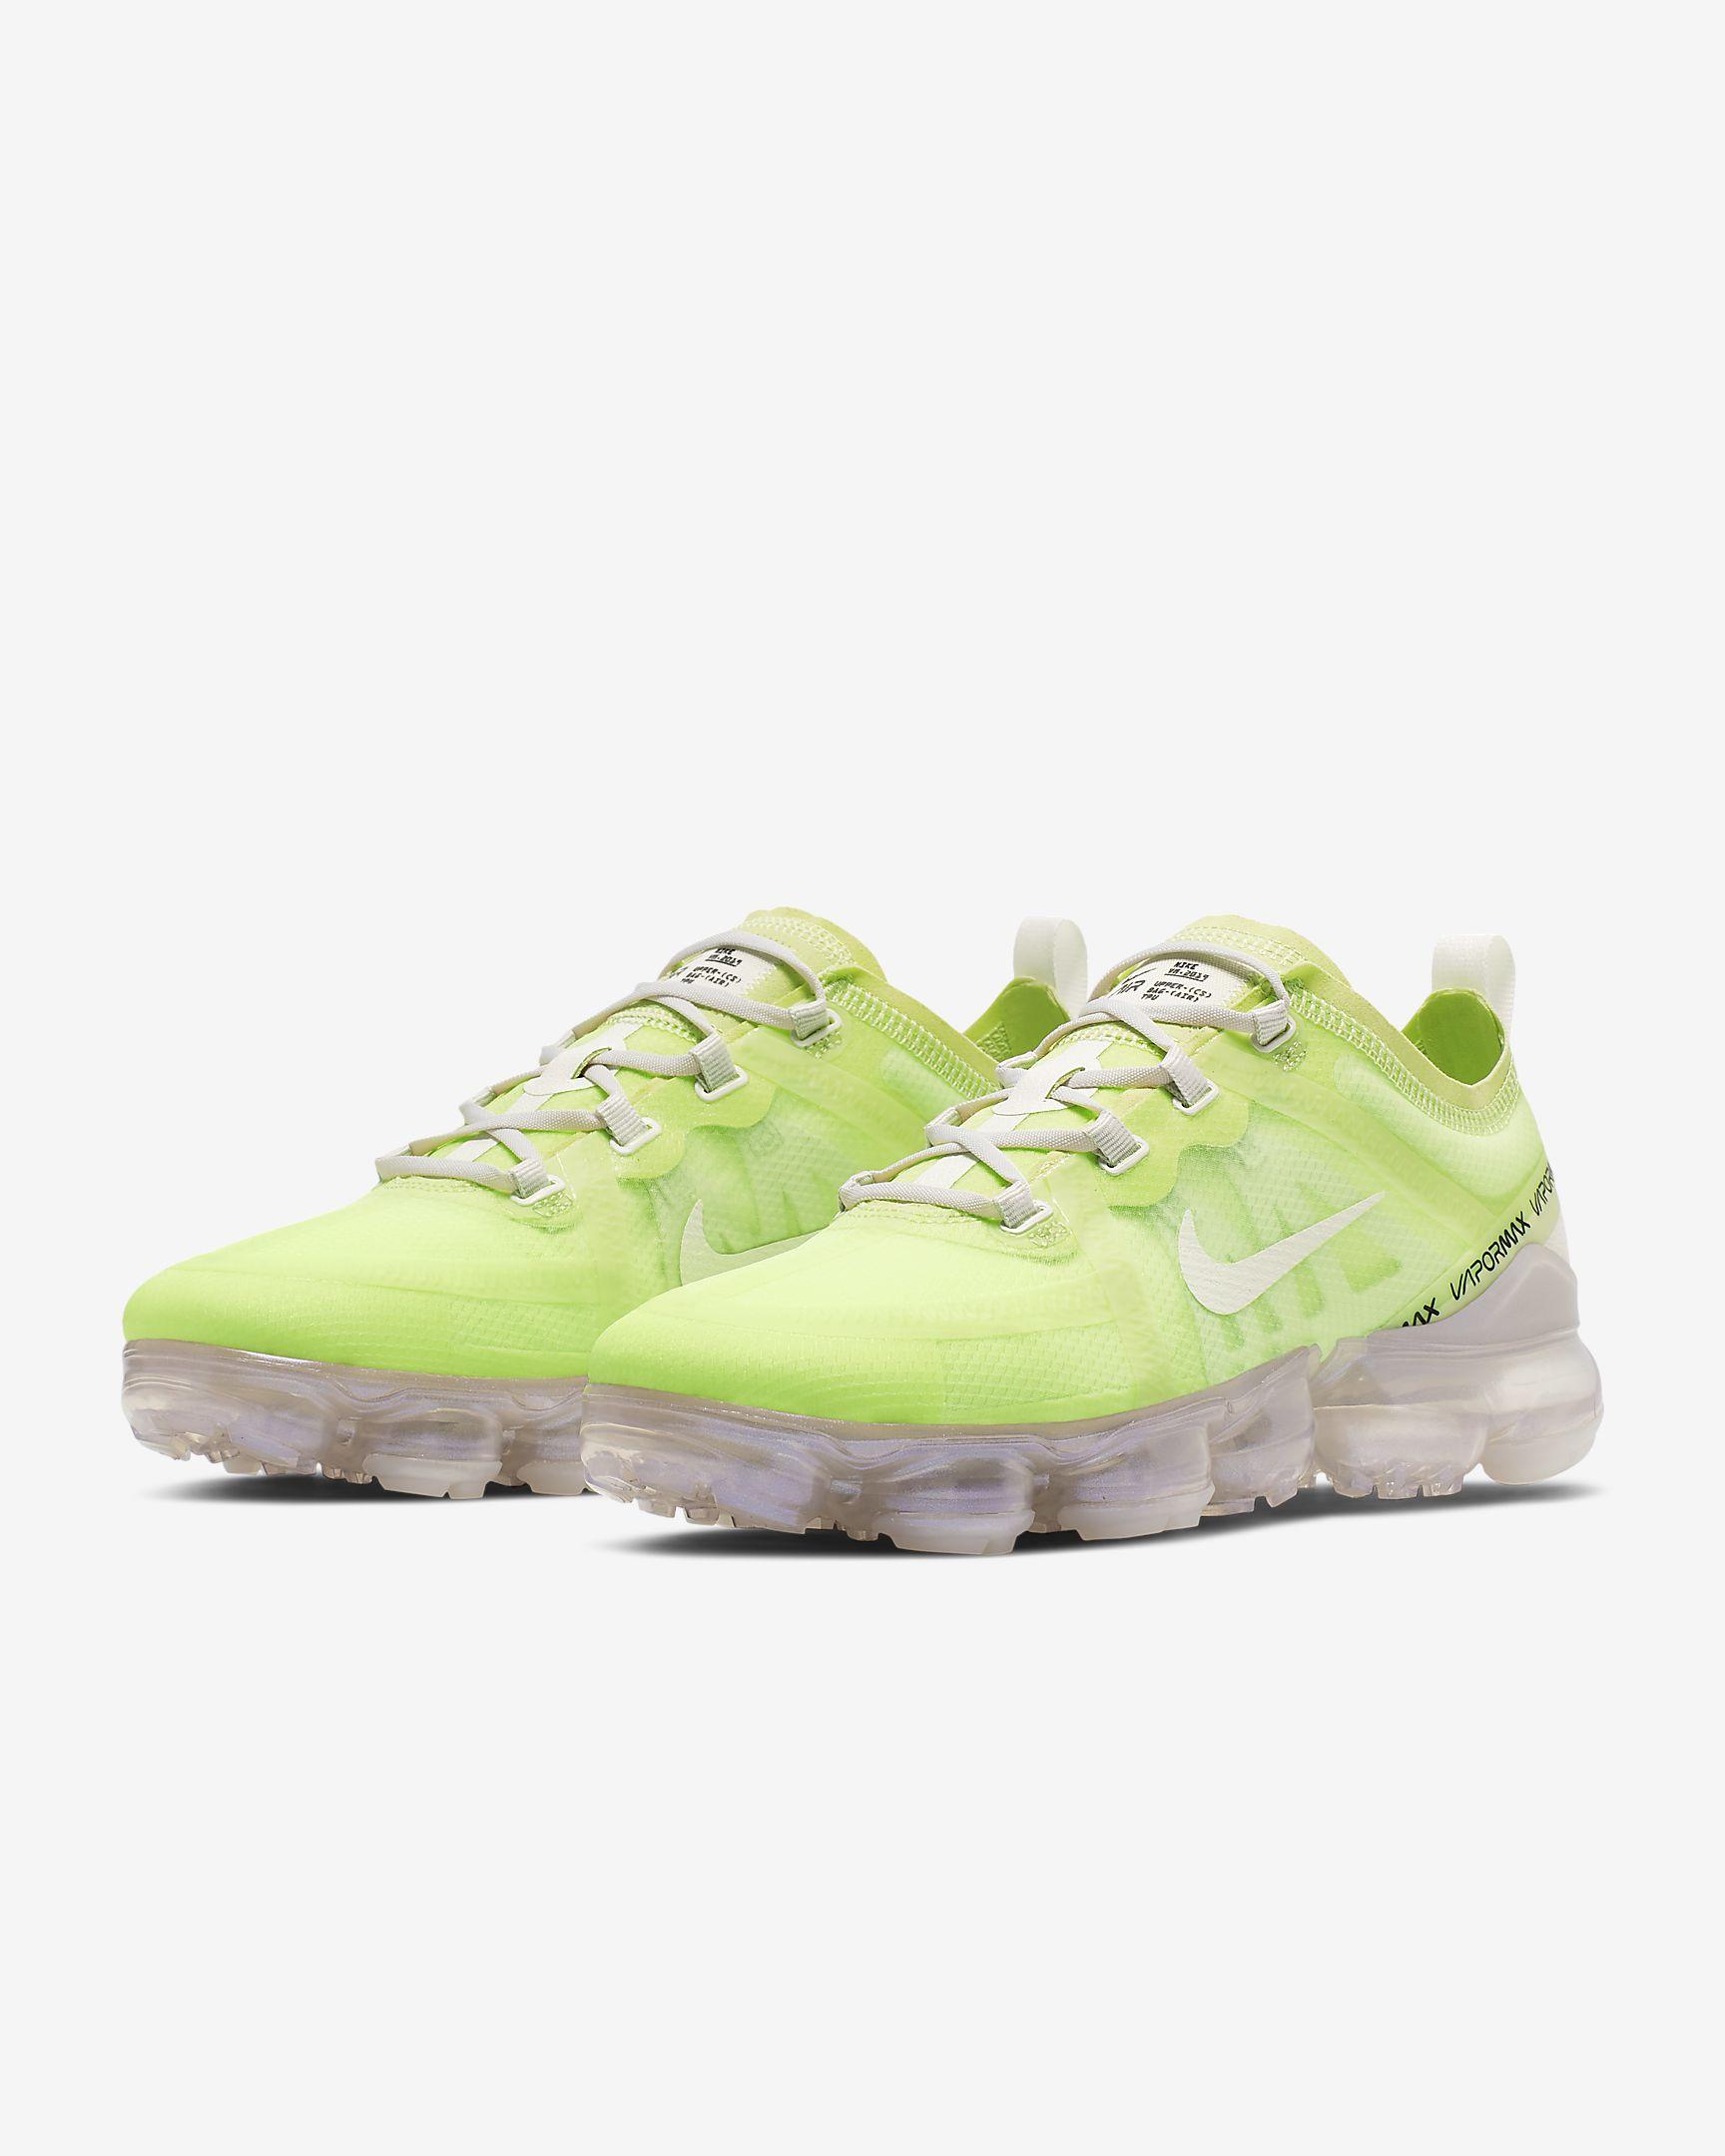 Las zapatillas Nike Air VaporMax SE envuelven el pie en un material elástico de tejido Woven que proporciona estructura y sujeción en cada pisada.